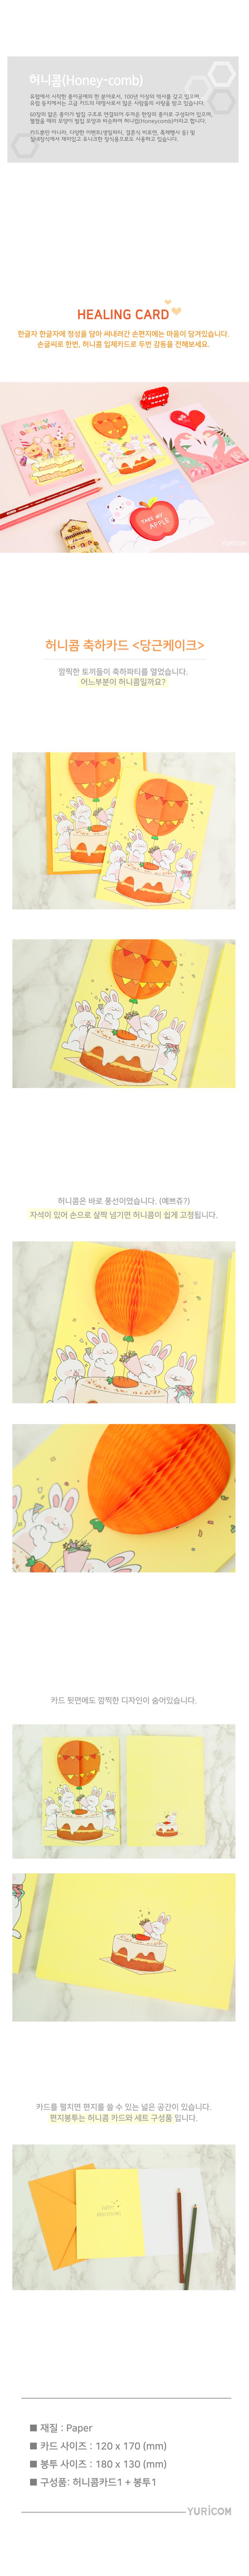 카드 허니콤 축하 당근케이크 - 유리컴, 5,500원, 카드, 축하 카드